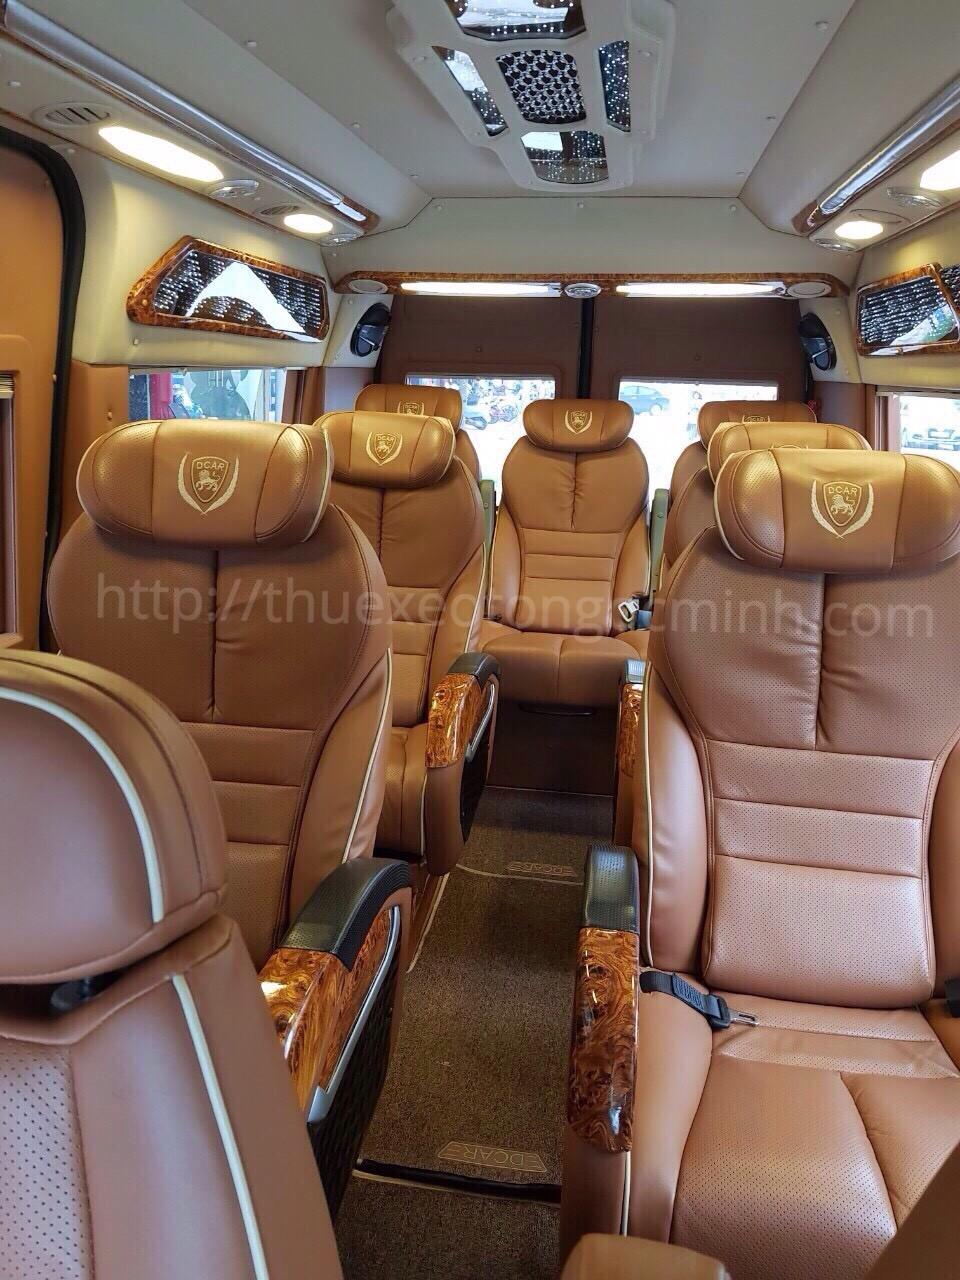 Dịch vụ cho thuê xe Dcar Limousine giá rẻ tại Hà Nội